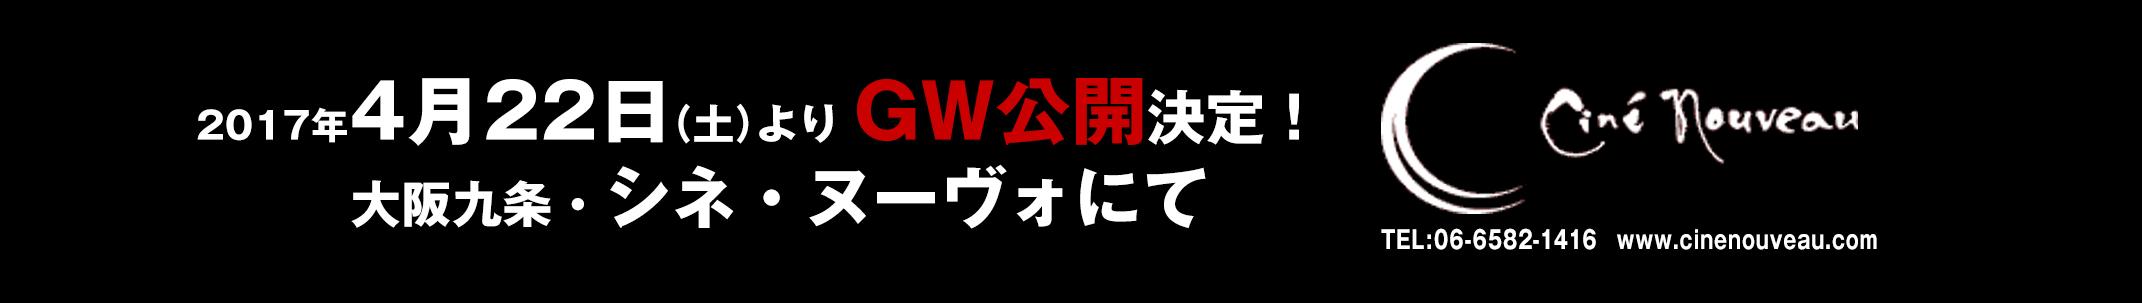 2017年4月22日より 大阪九条・シネ・ヌーヴォにてGW公開